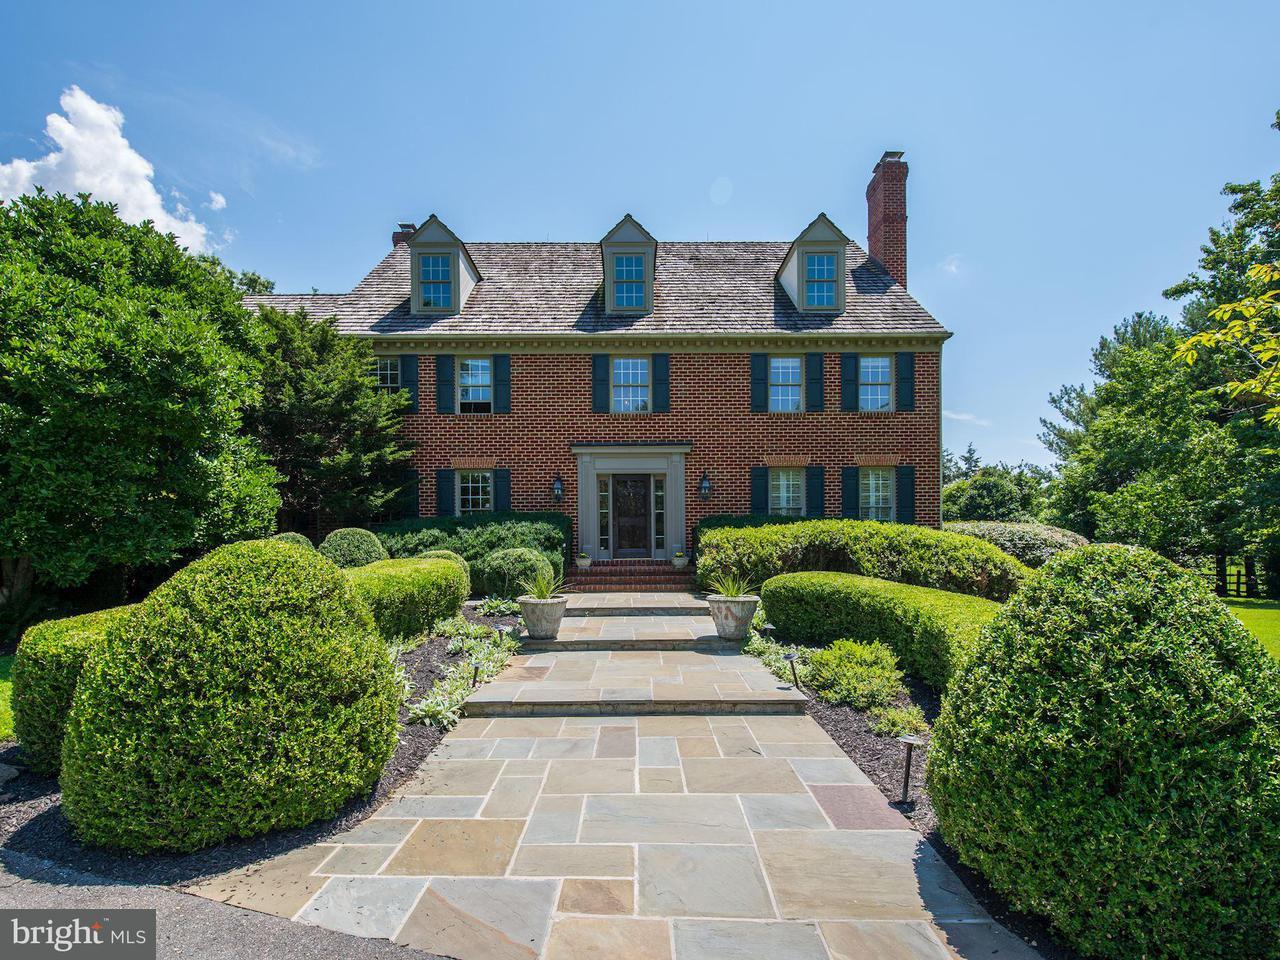 Μονοκατοικία για την Πώληση στο 13601 STONEBARN Lane 13601 STONEBARN Lane North Potomac, Μεριλαντ 20878 Ηνωμενεσ Πολιτειεσ